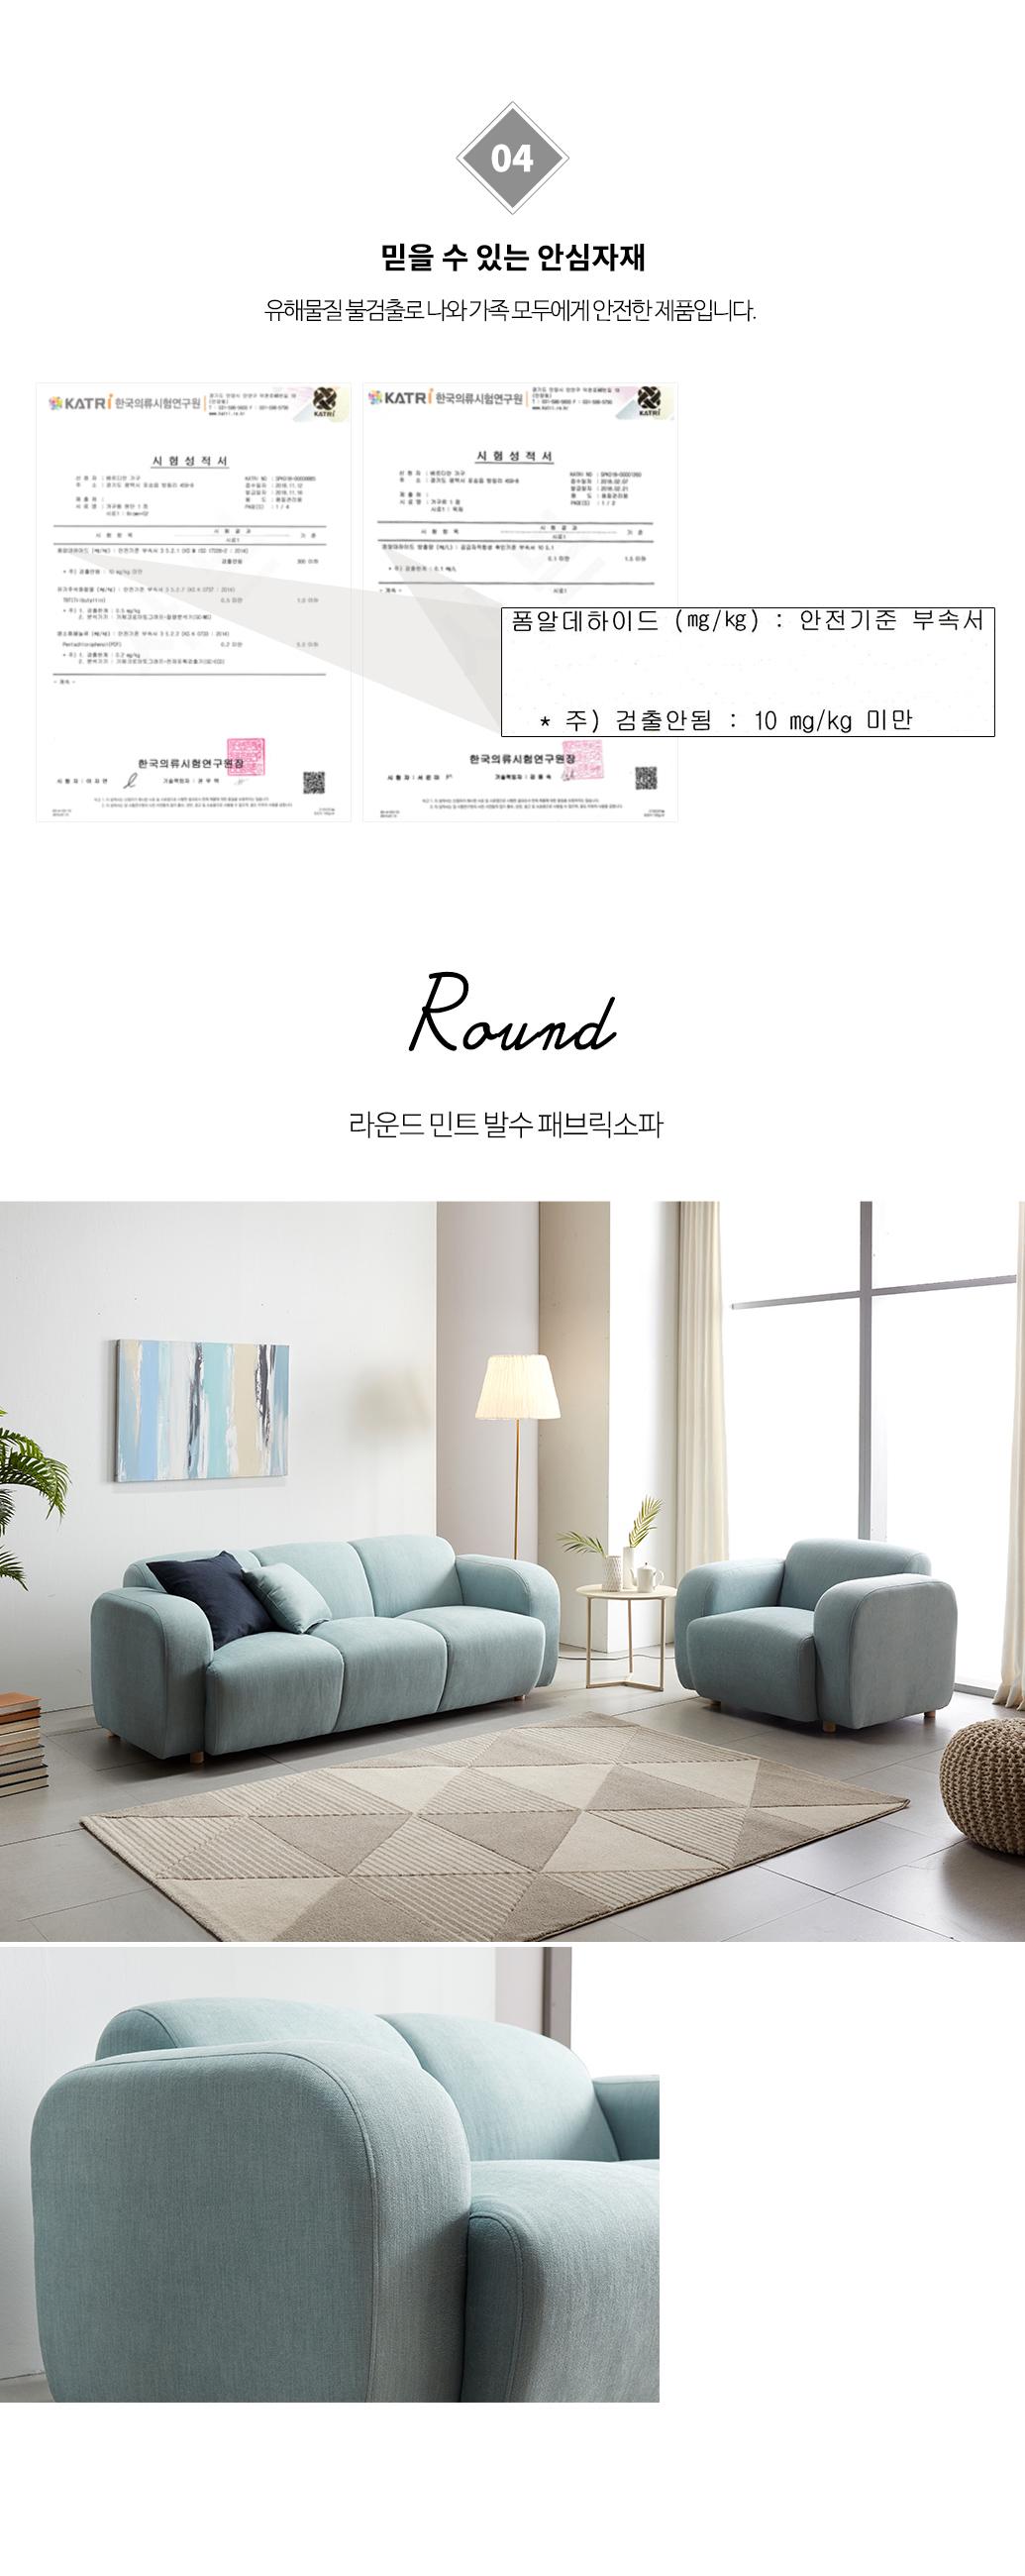 round_m_07.jpg